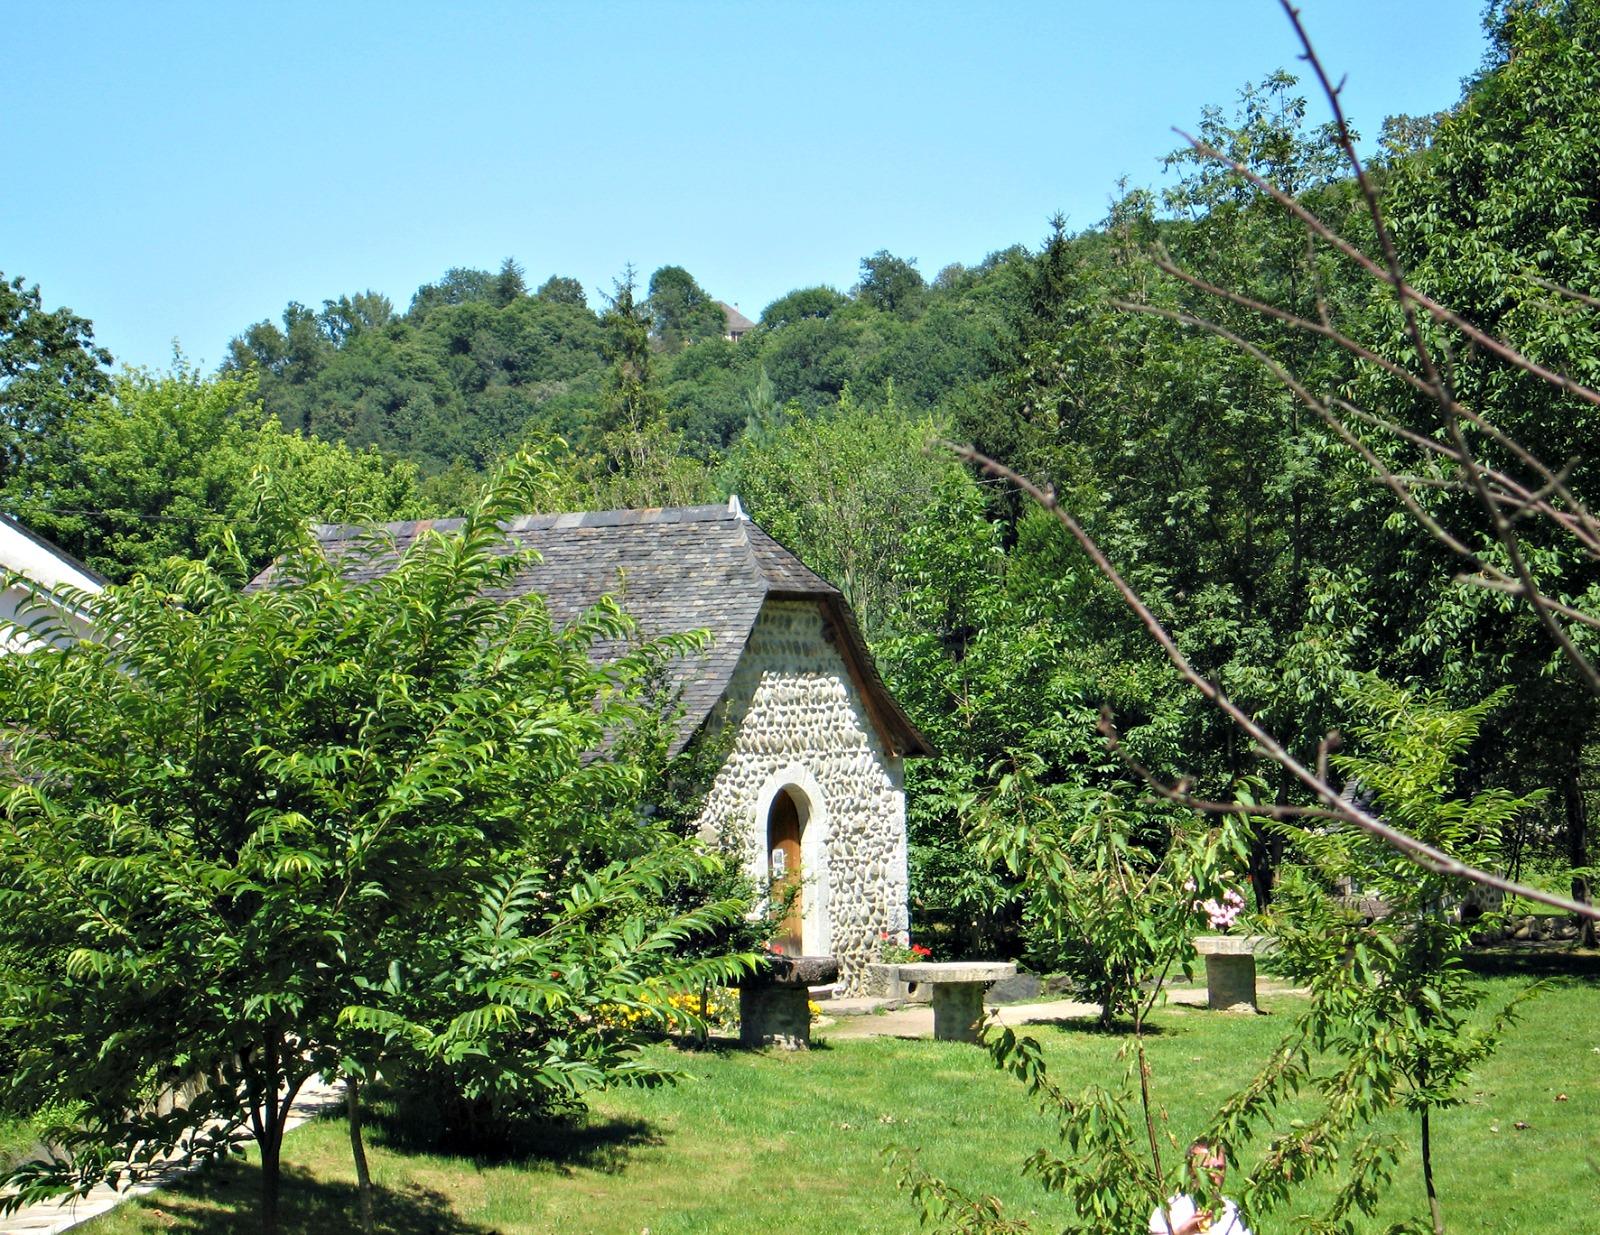 Le moulin communal Arette